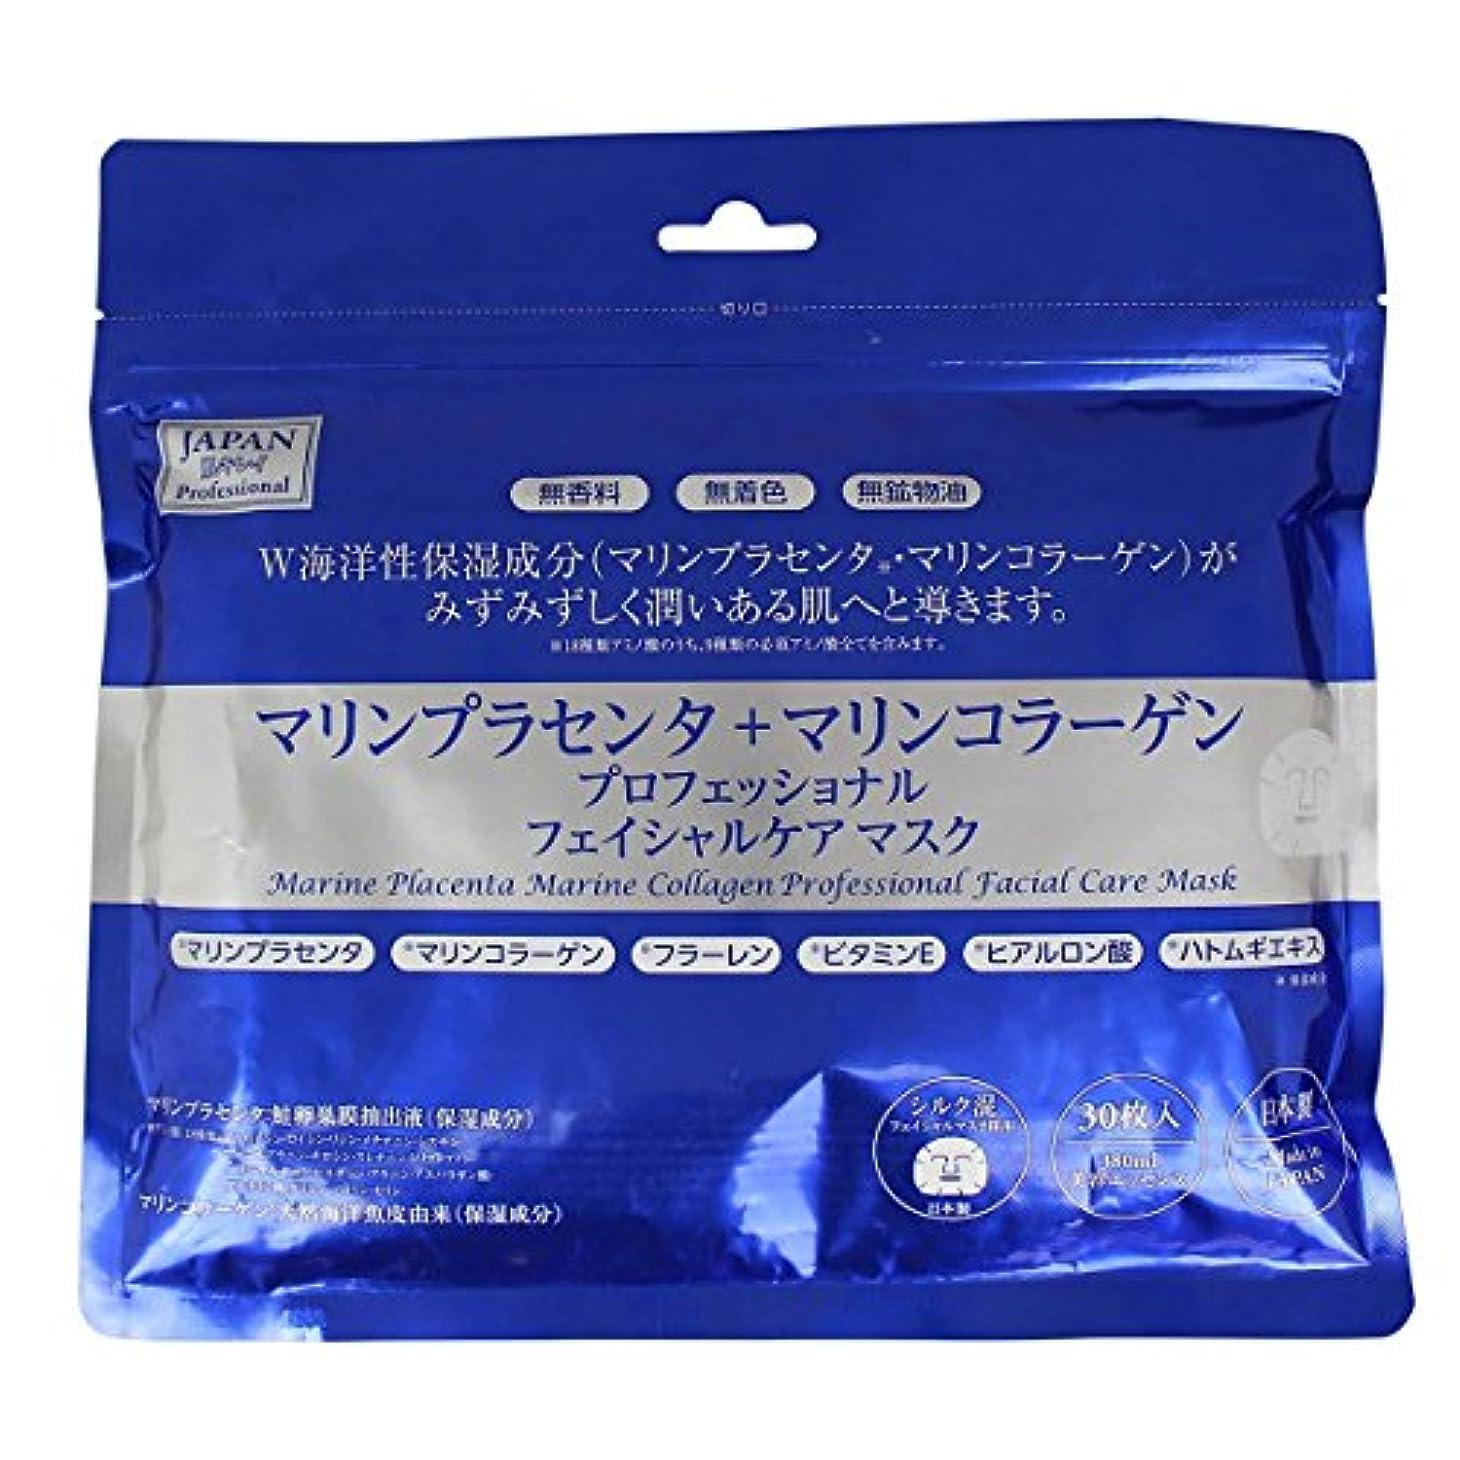 絡み合いボーカルレモンプロフェッショナル フェイスマスク マリンプラセンタ+マリンコラーゲン 30枚入